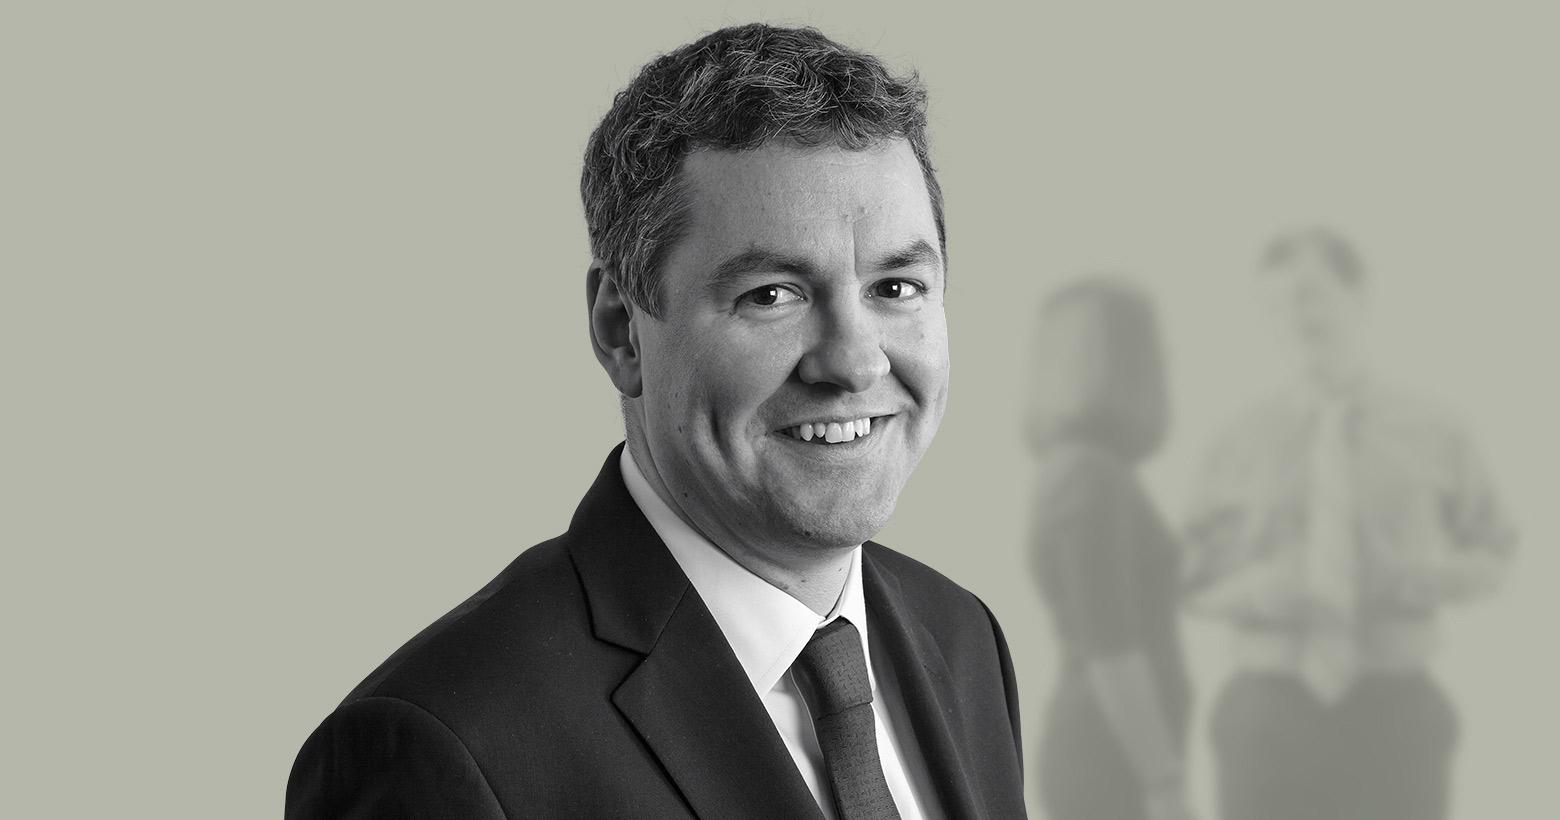 Ian Barratt